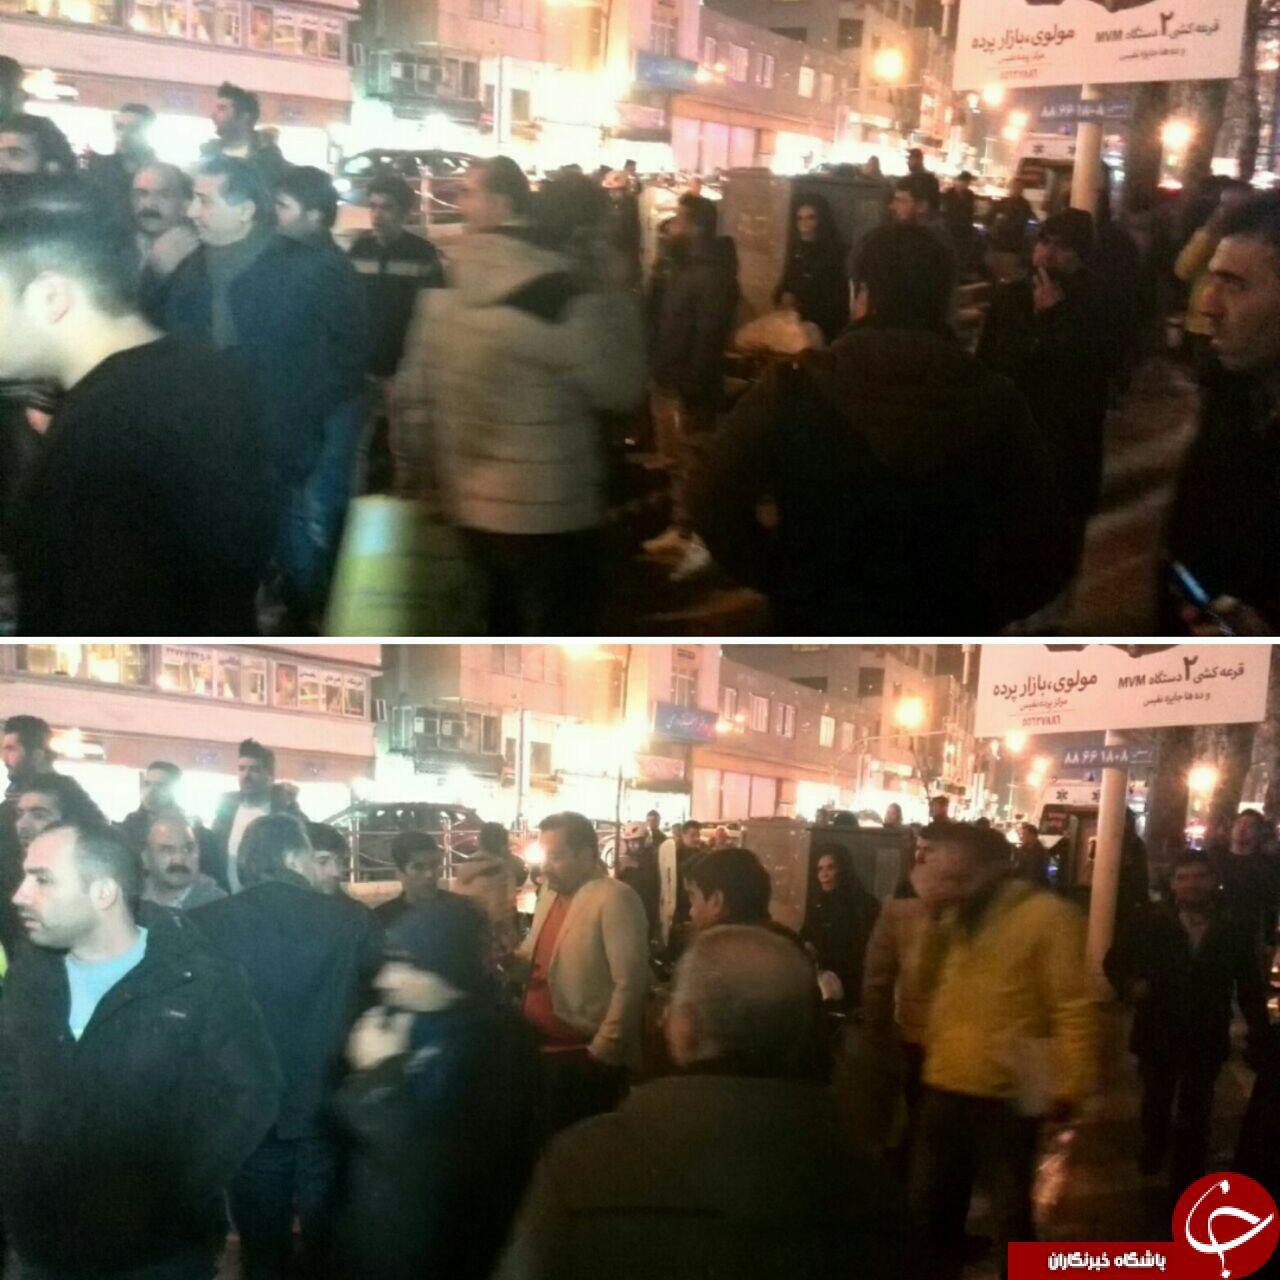 تصاویر از بیمارستان شهدای تجریش بعد از درگذشت آیت الله هاشمی رفسنجانی